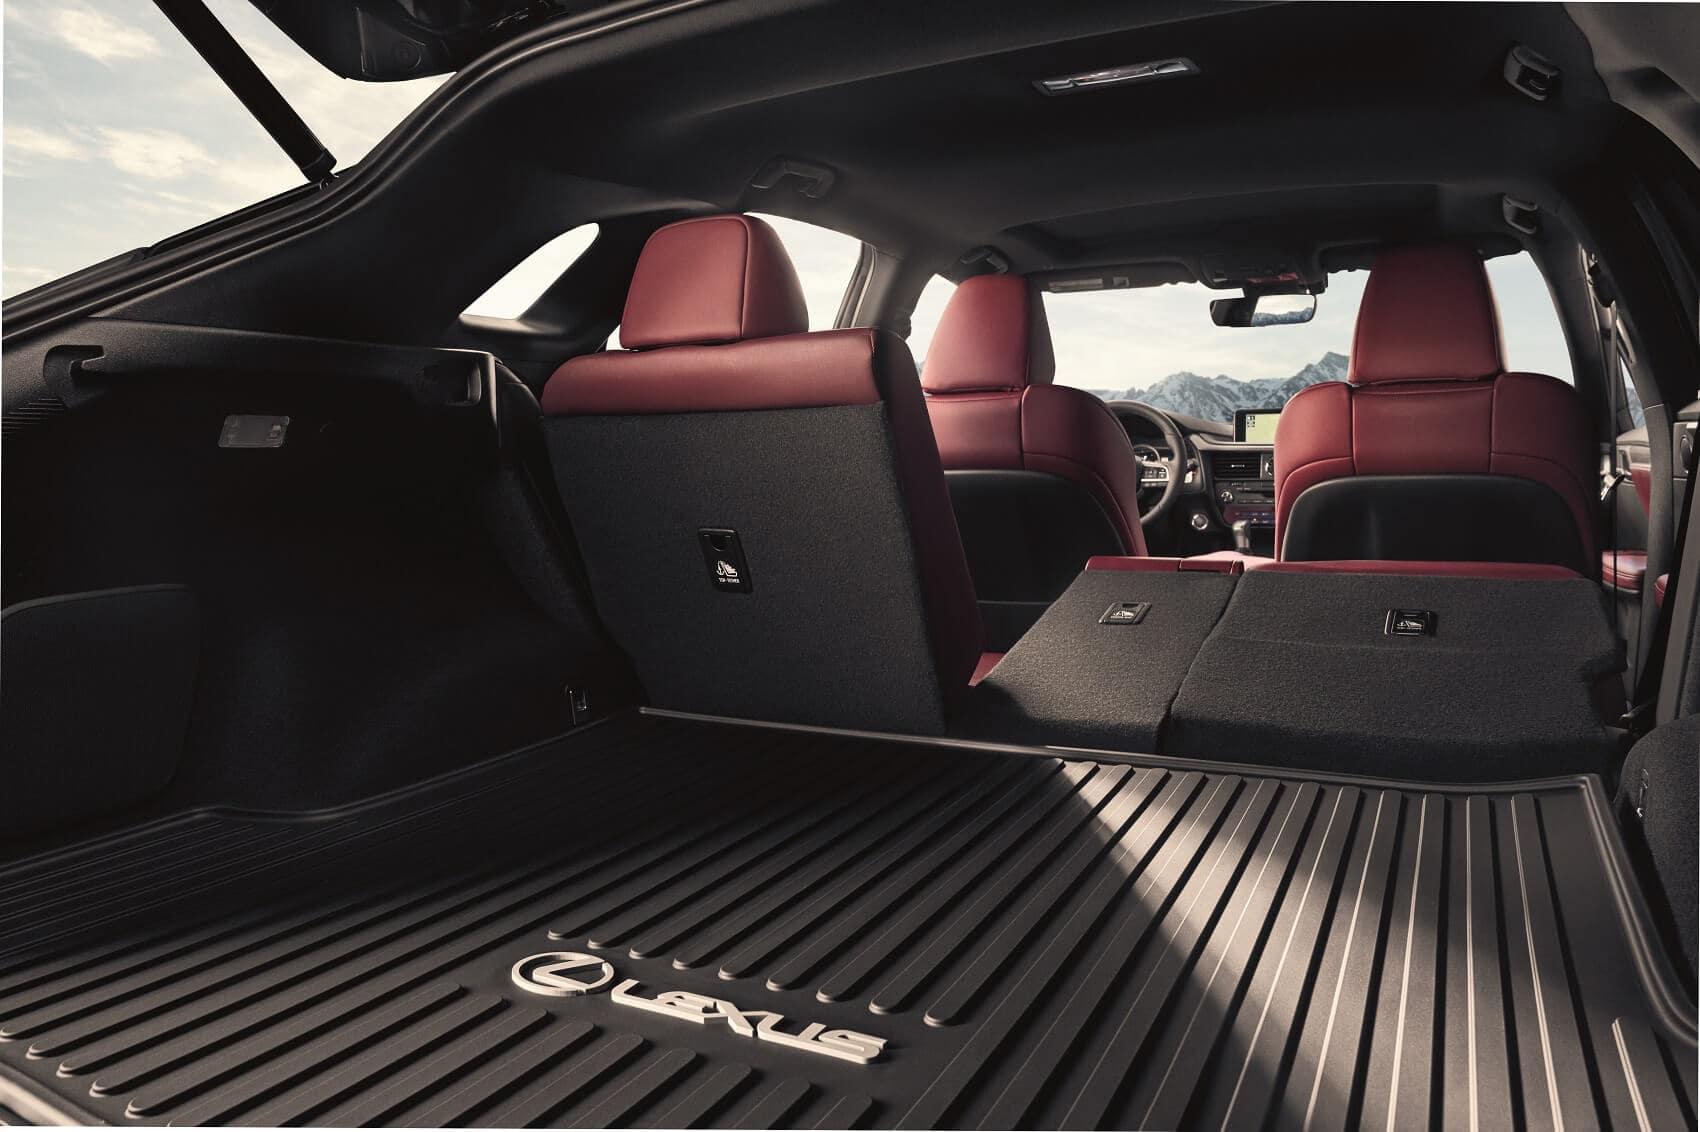 Lexus RX 350 Dimensions